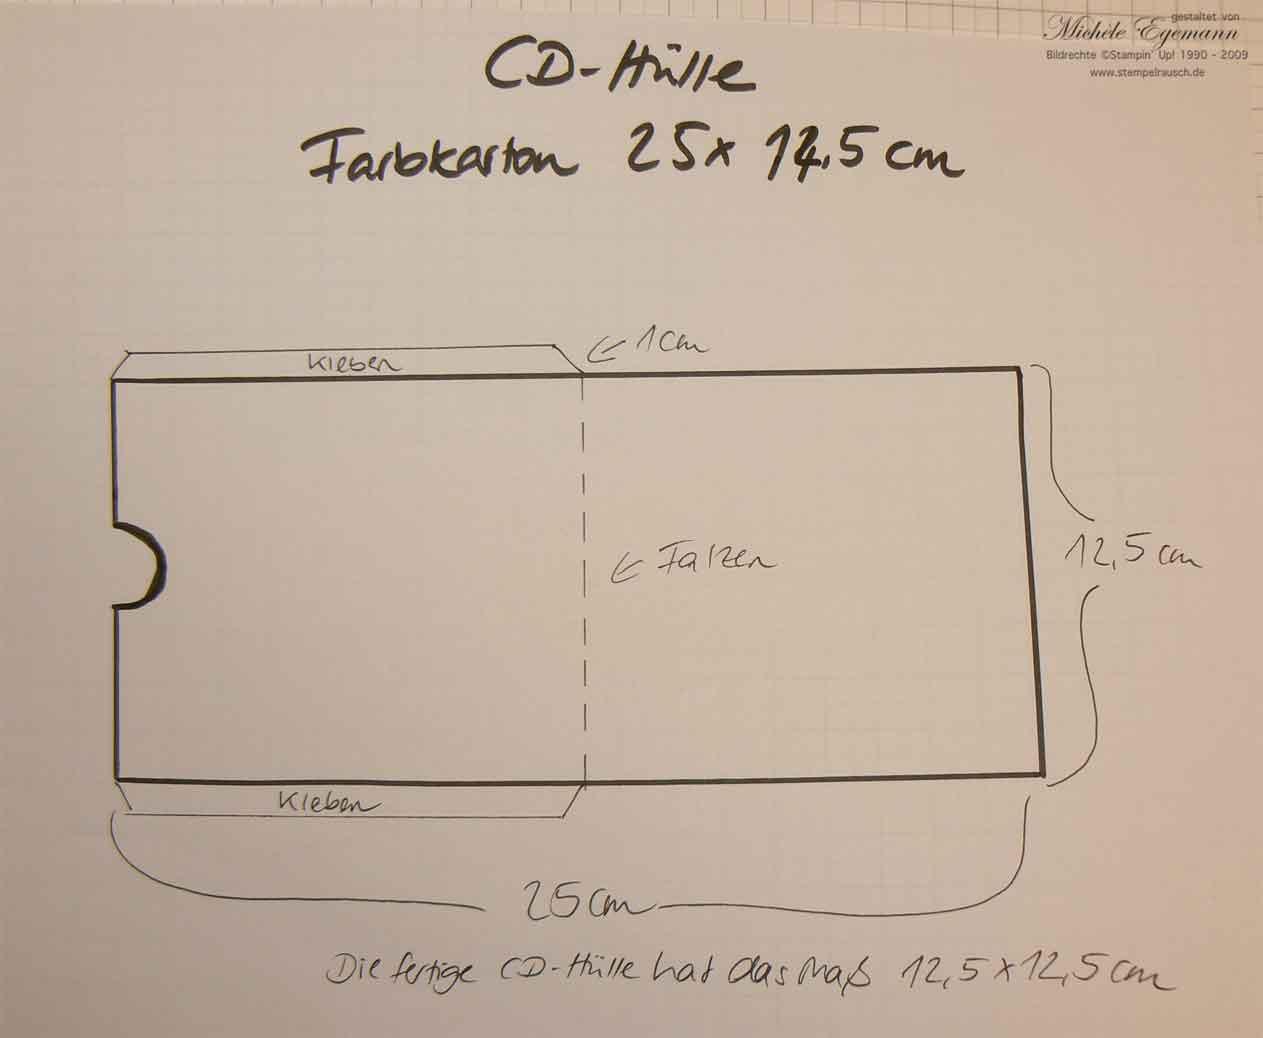 cd h lle good friend stempelrausch deutscher stampin up blog mit anleitungen videos und. Black Bedroom Furniture Sets. Home Design Ideas